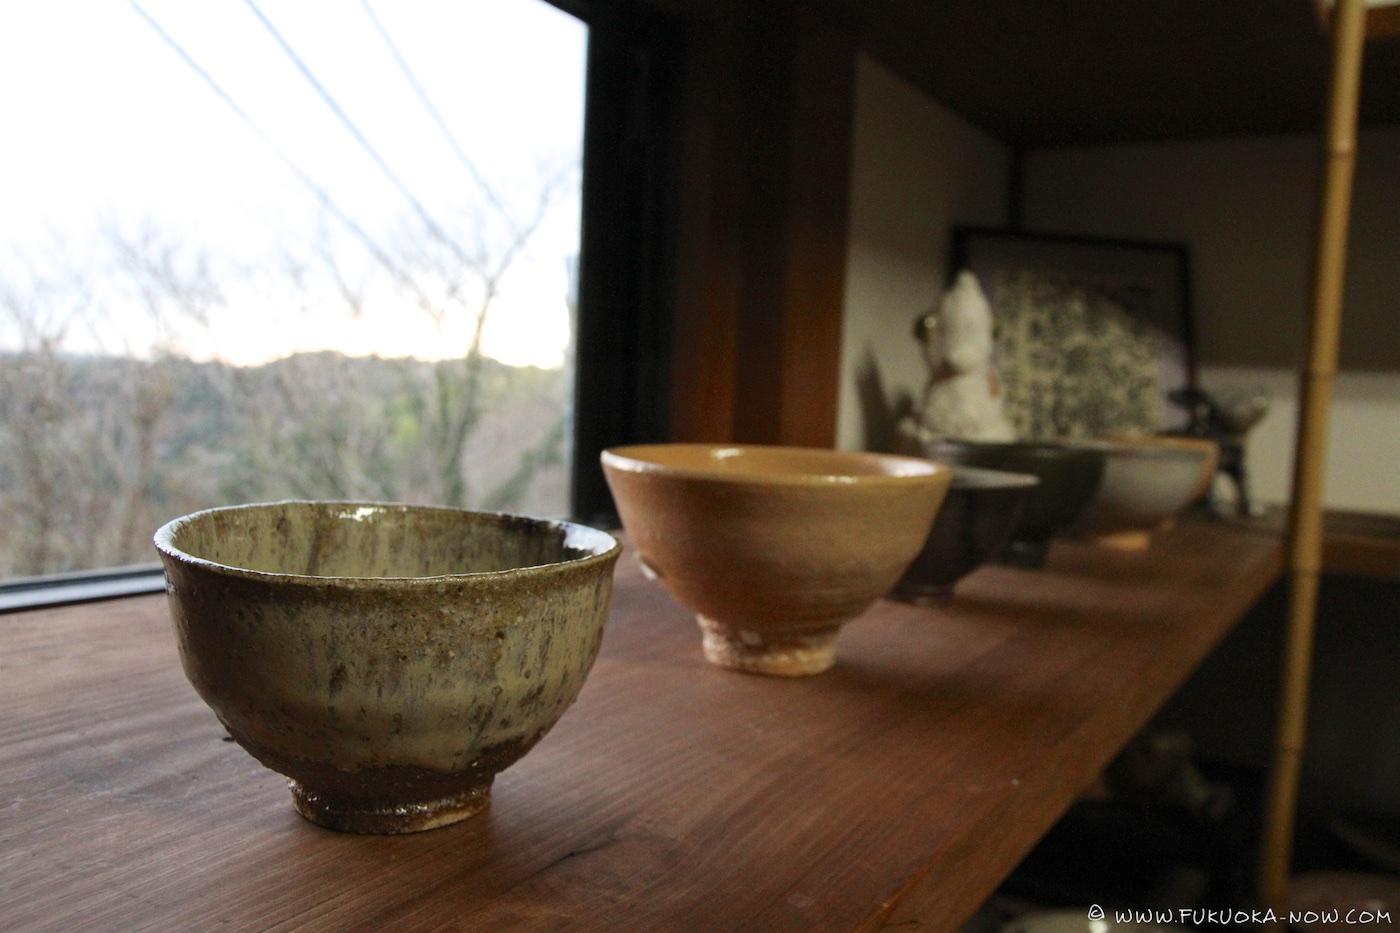 karatsu, saga, pottery, karatsuyaki